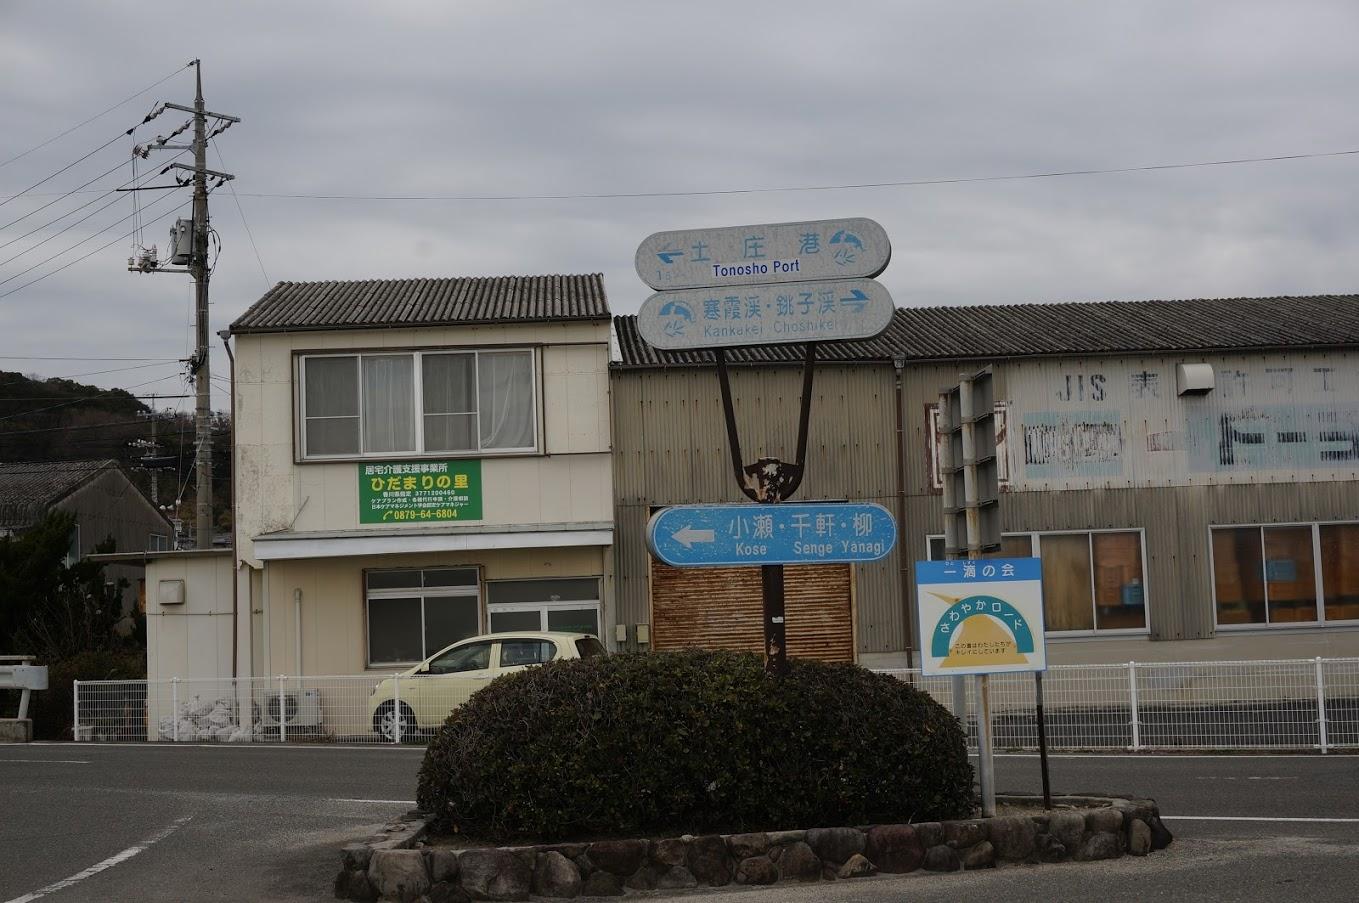 小豆島 鹿島の道標